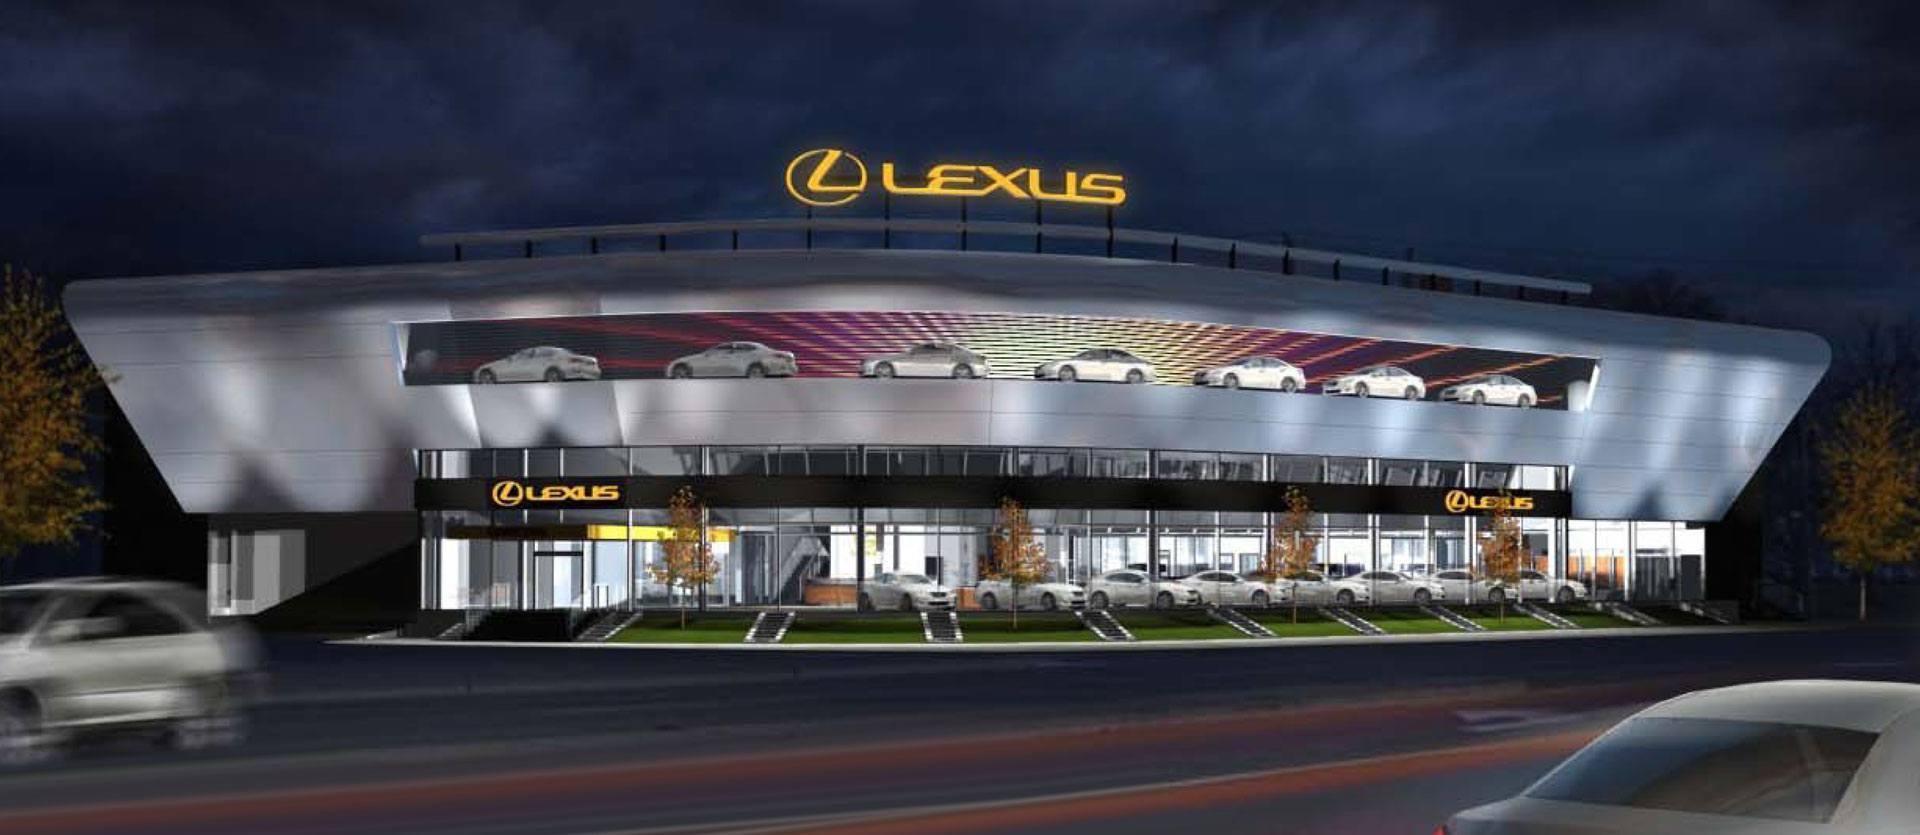 Lexus of Toronto